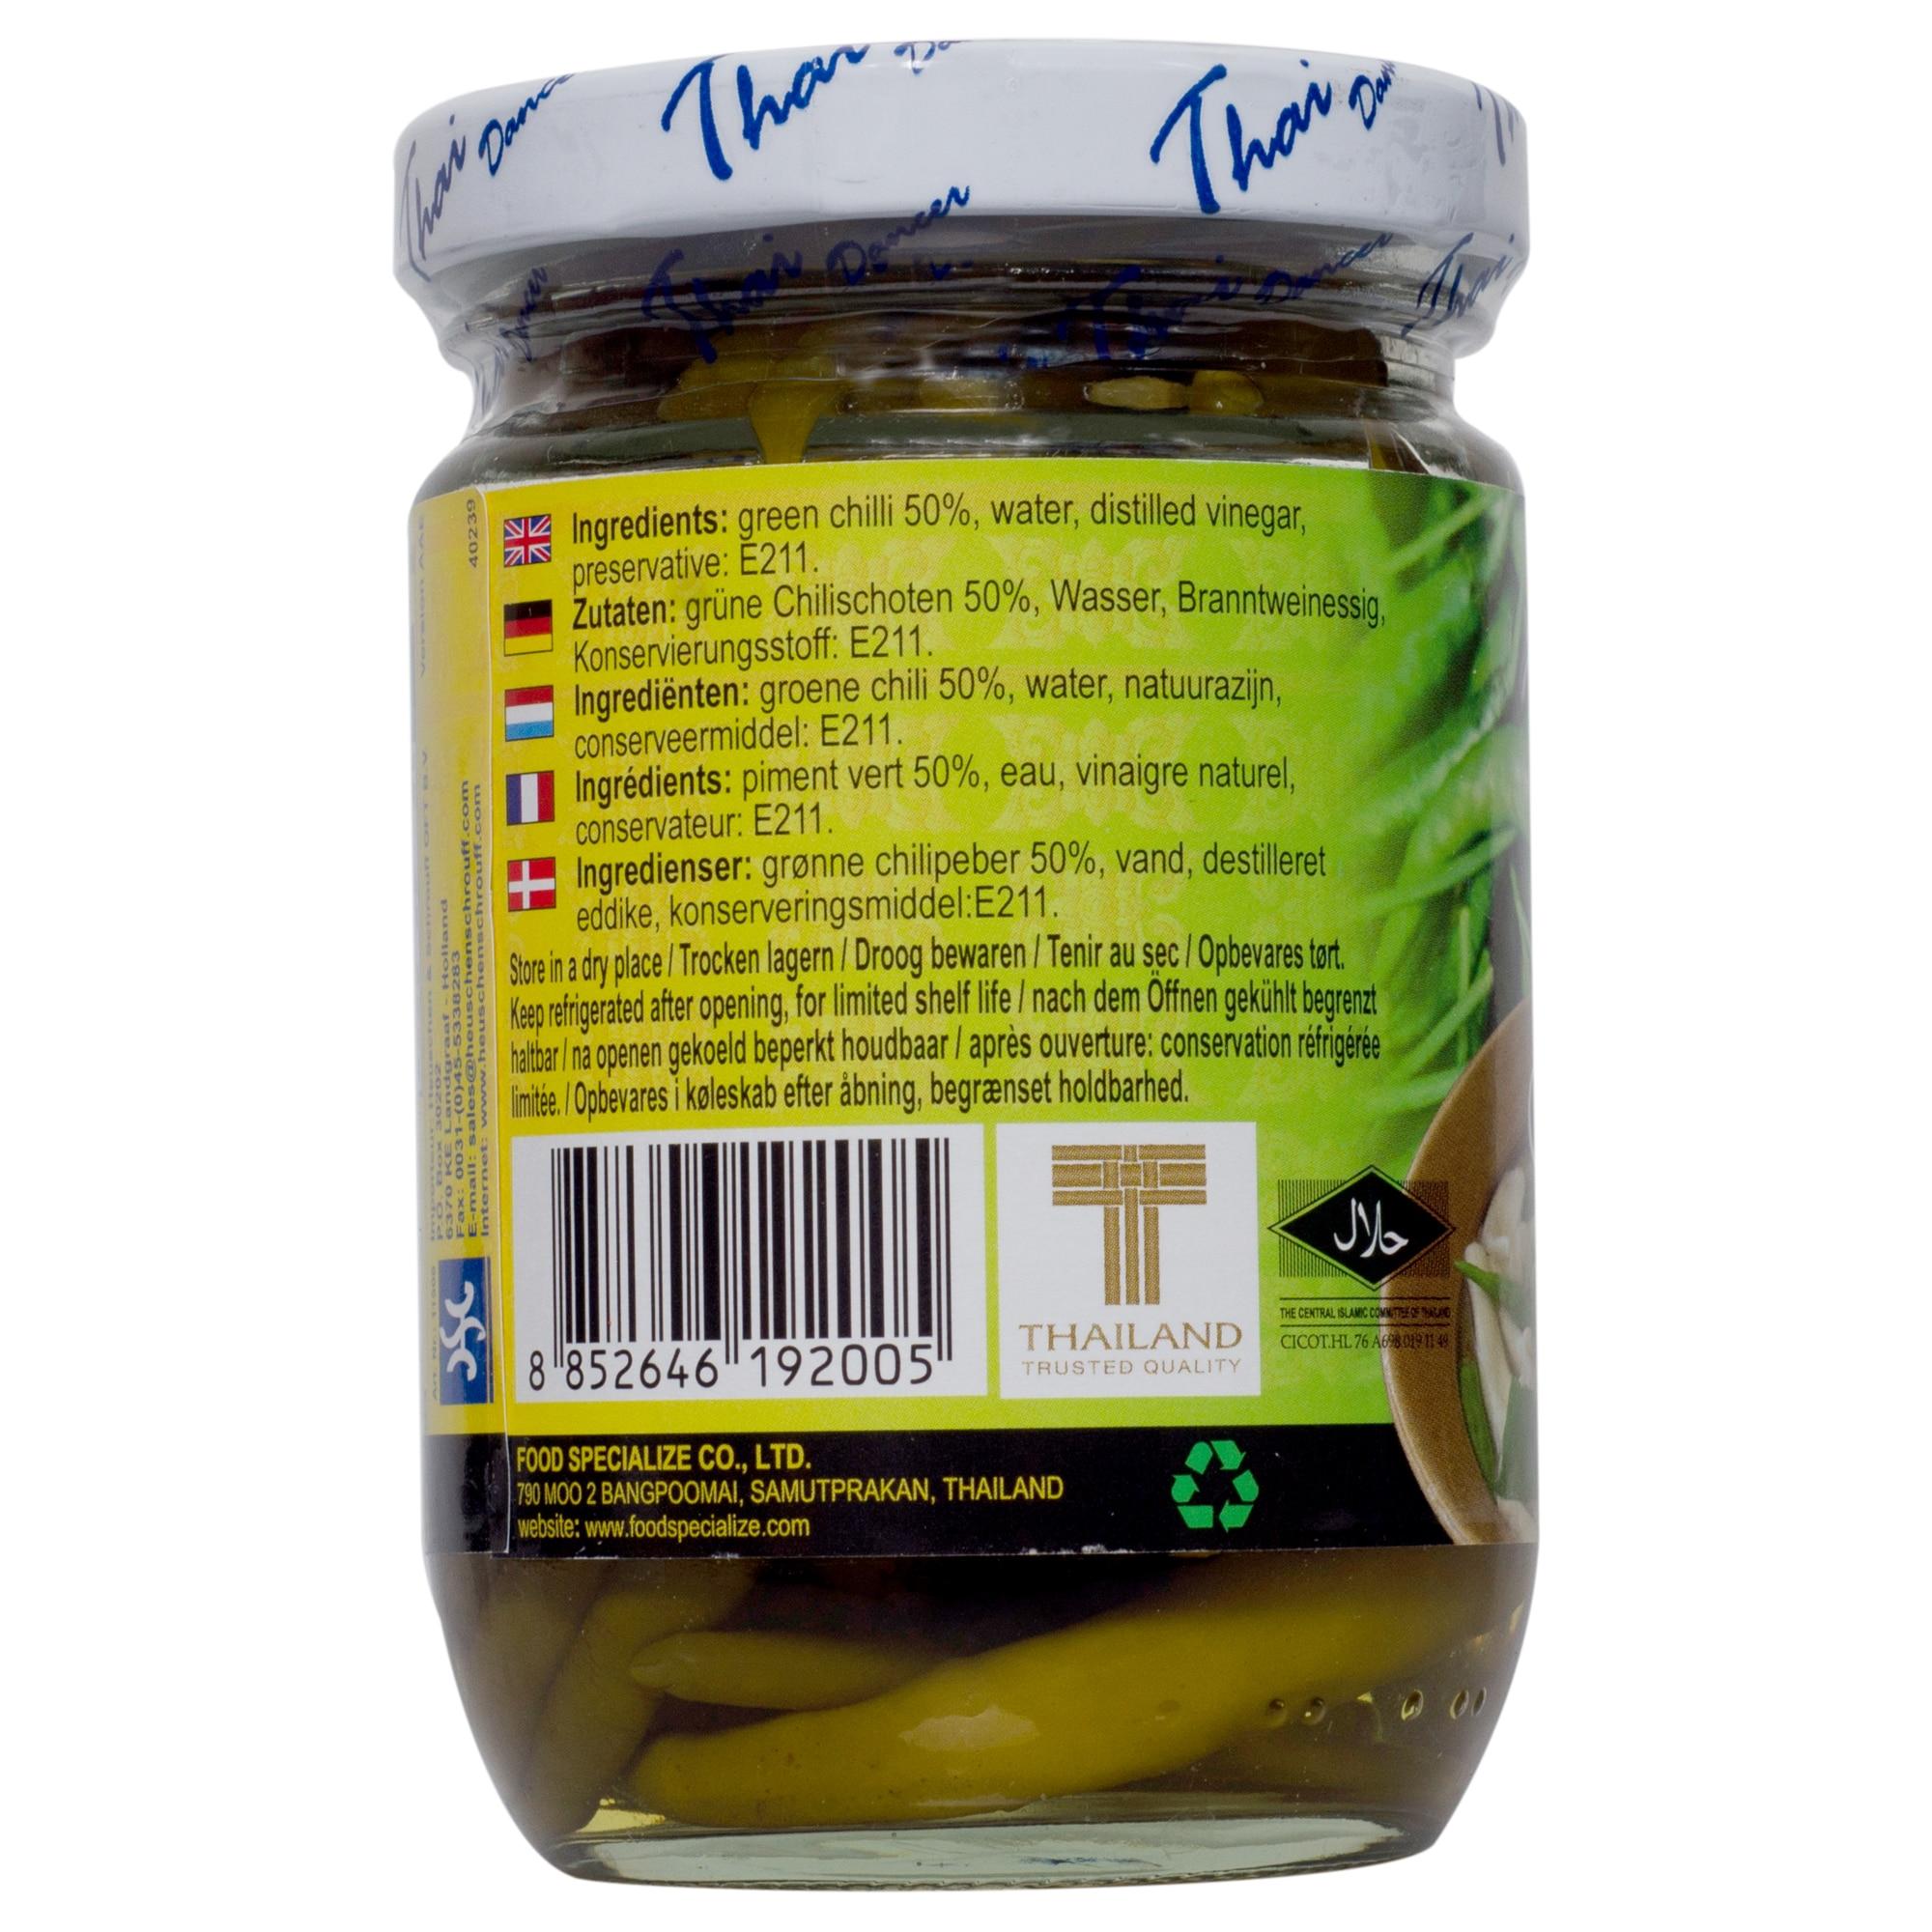 Thaidancer Pickled green chilli grüne Thai Chili 100g